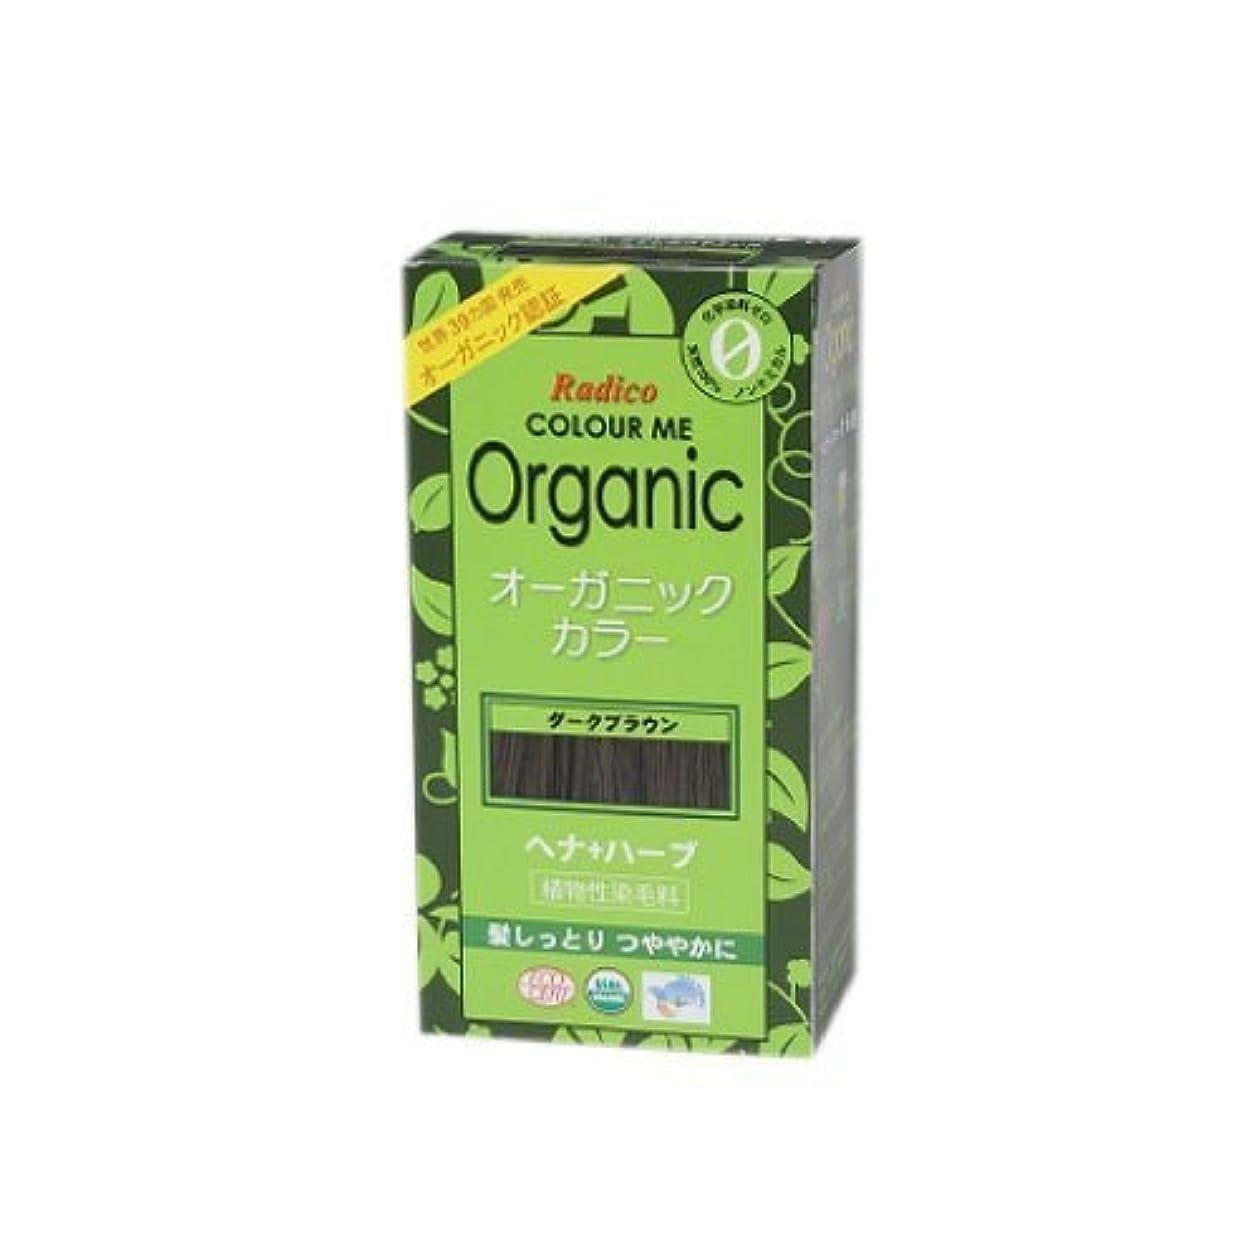 水銀の番号綺麗なCOLOURME Organic (カラーミーオーガニック ヘナ 白髪用) ダークブラウン 100g